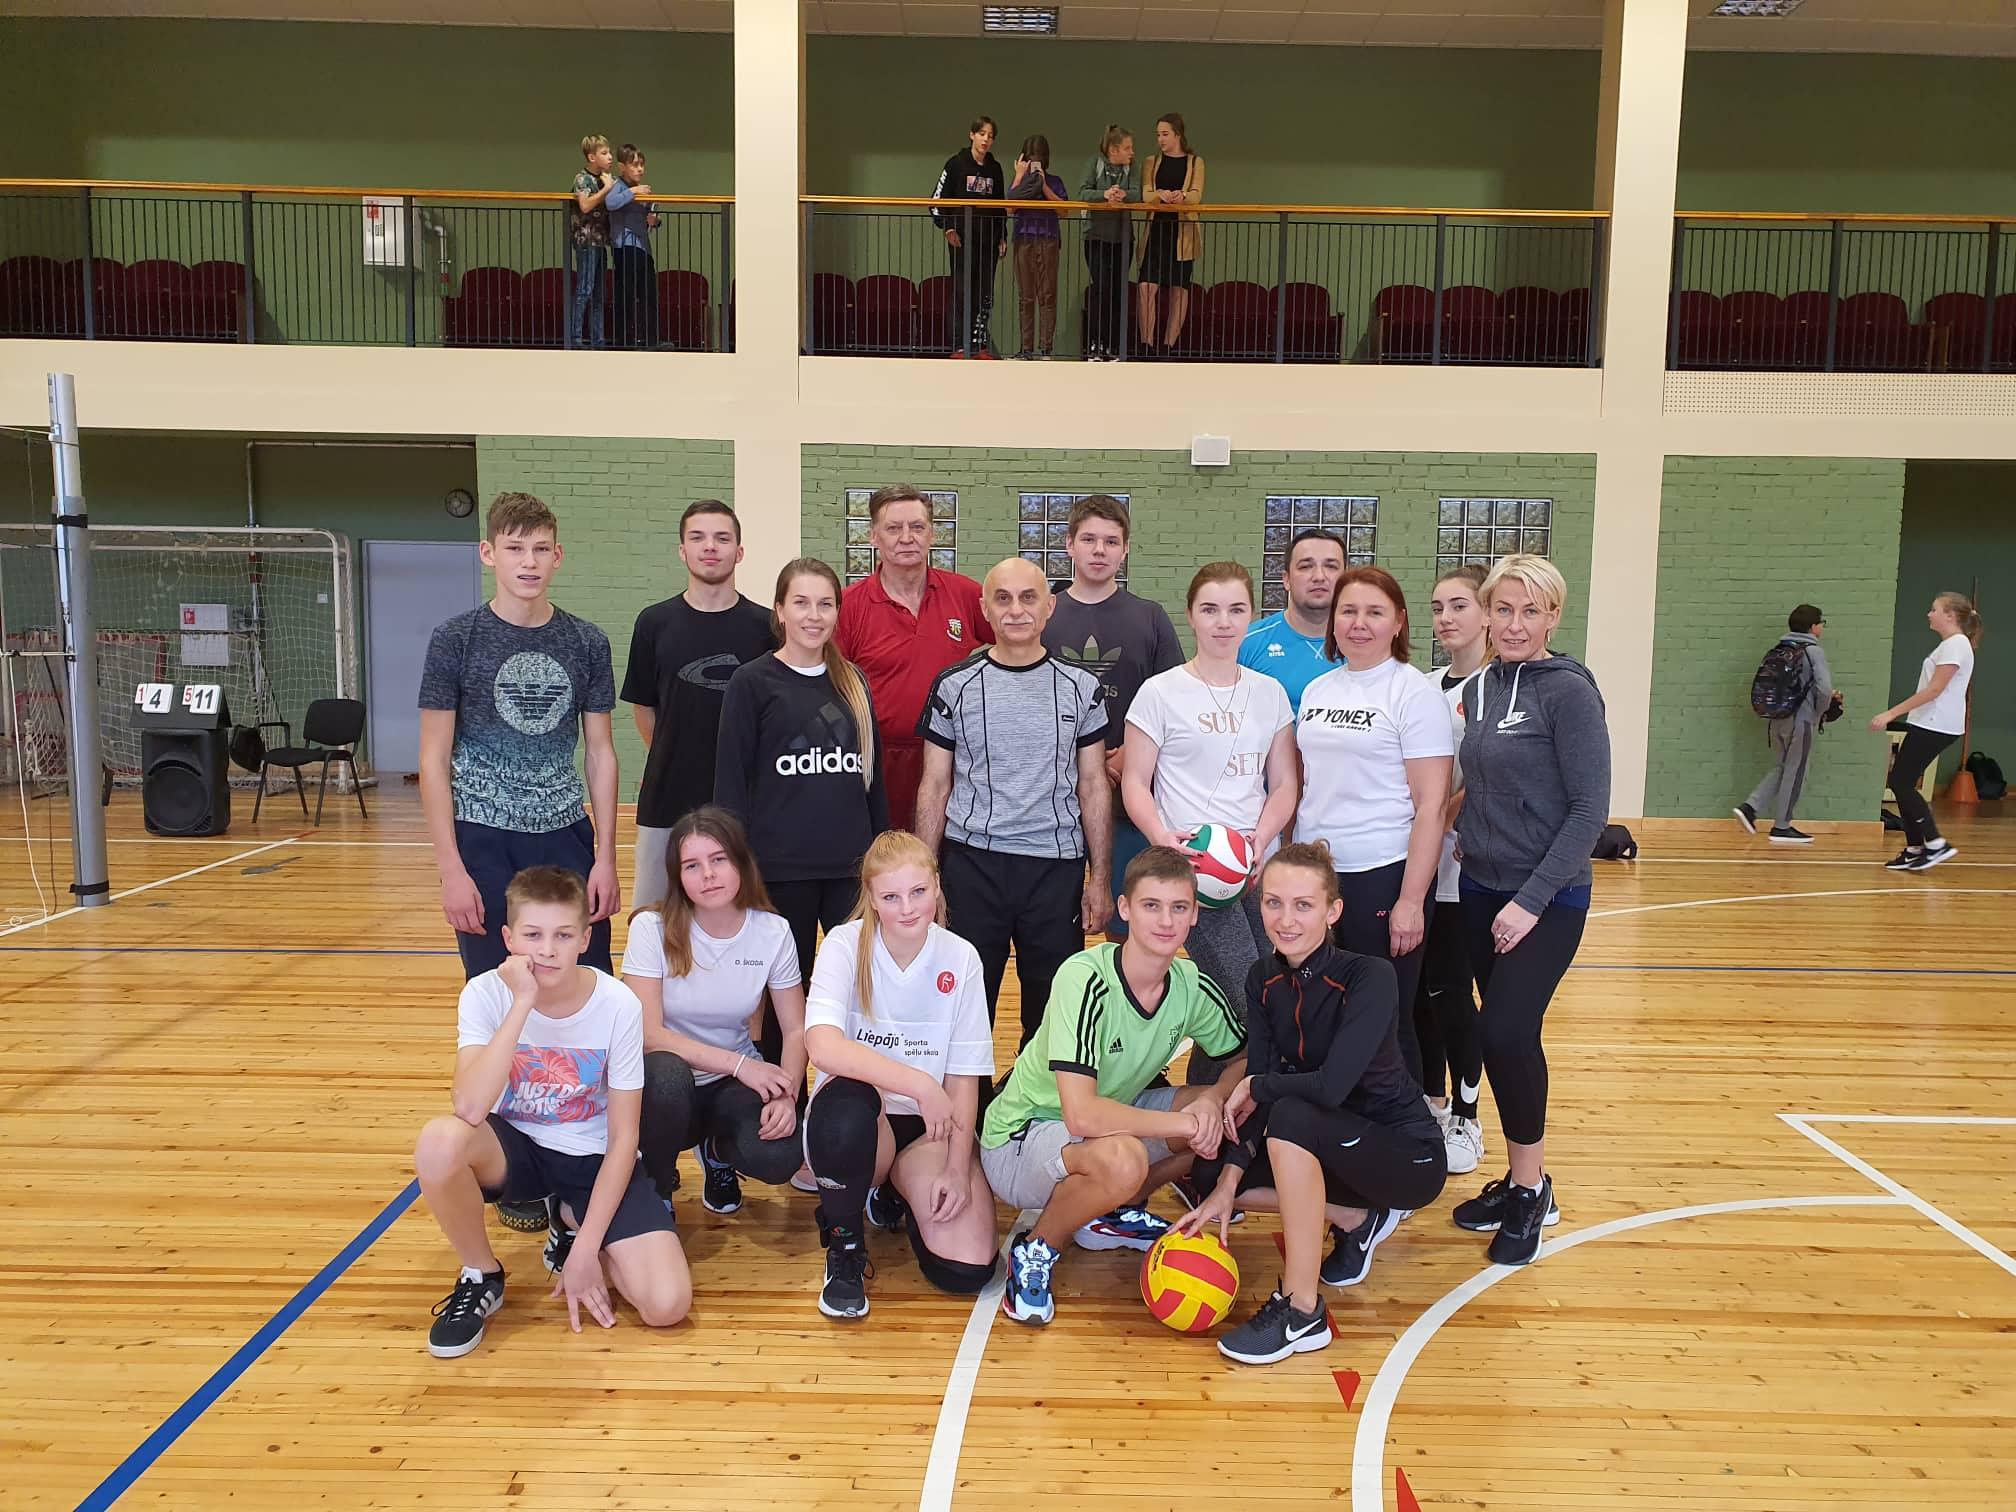 Latvijas Valsts svētkus Liepājas Liedaga vidusskola gaida sportiskā garā